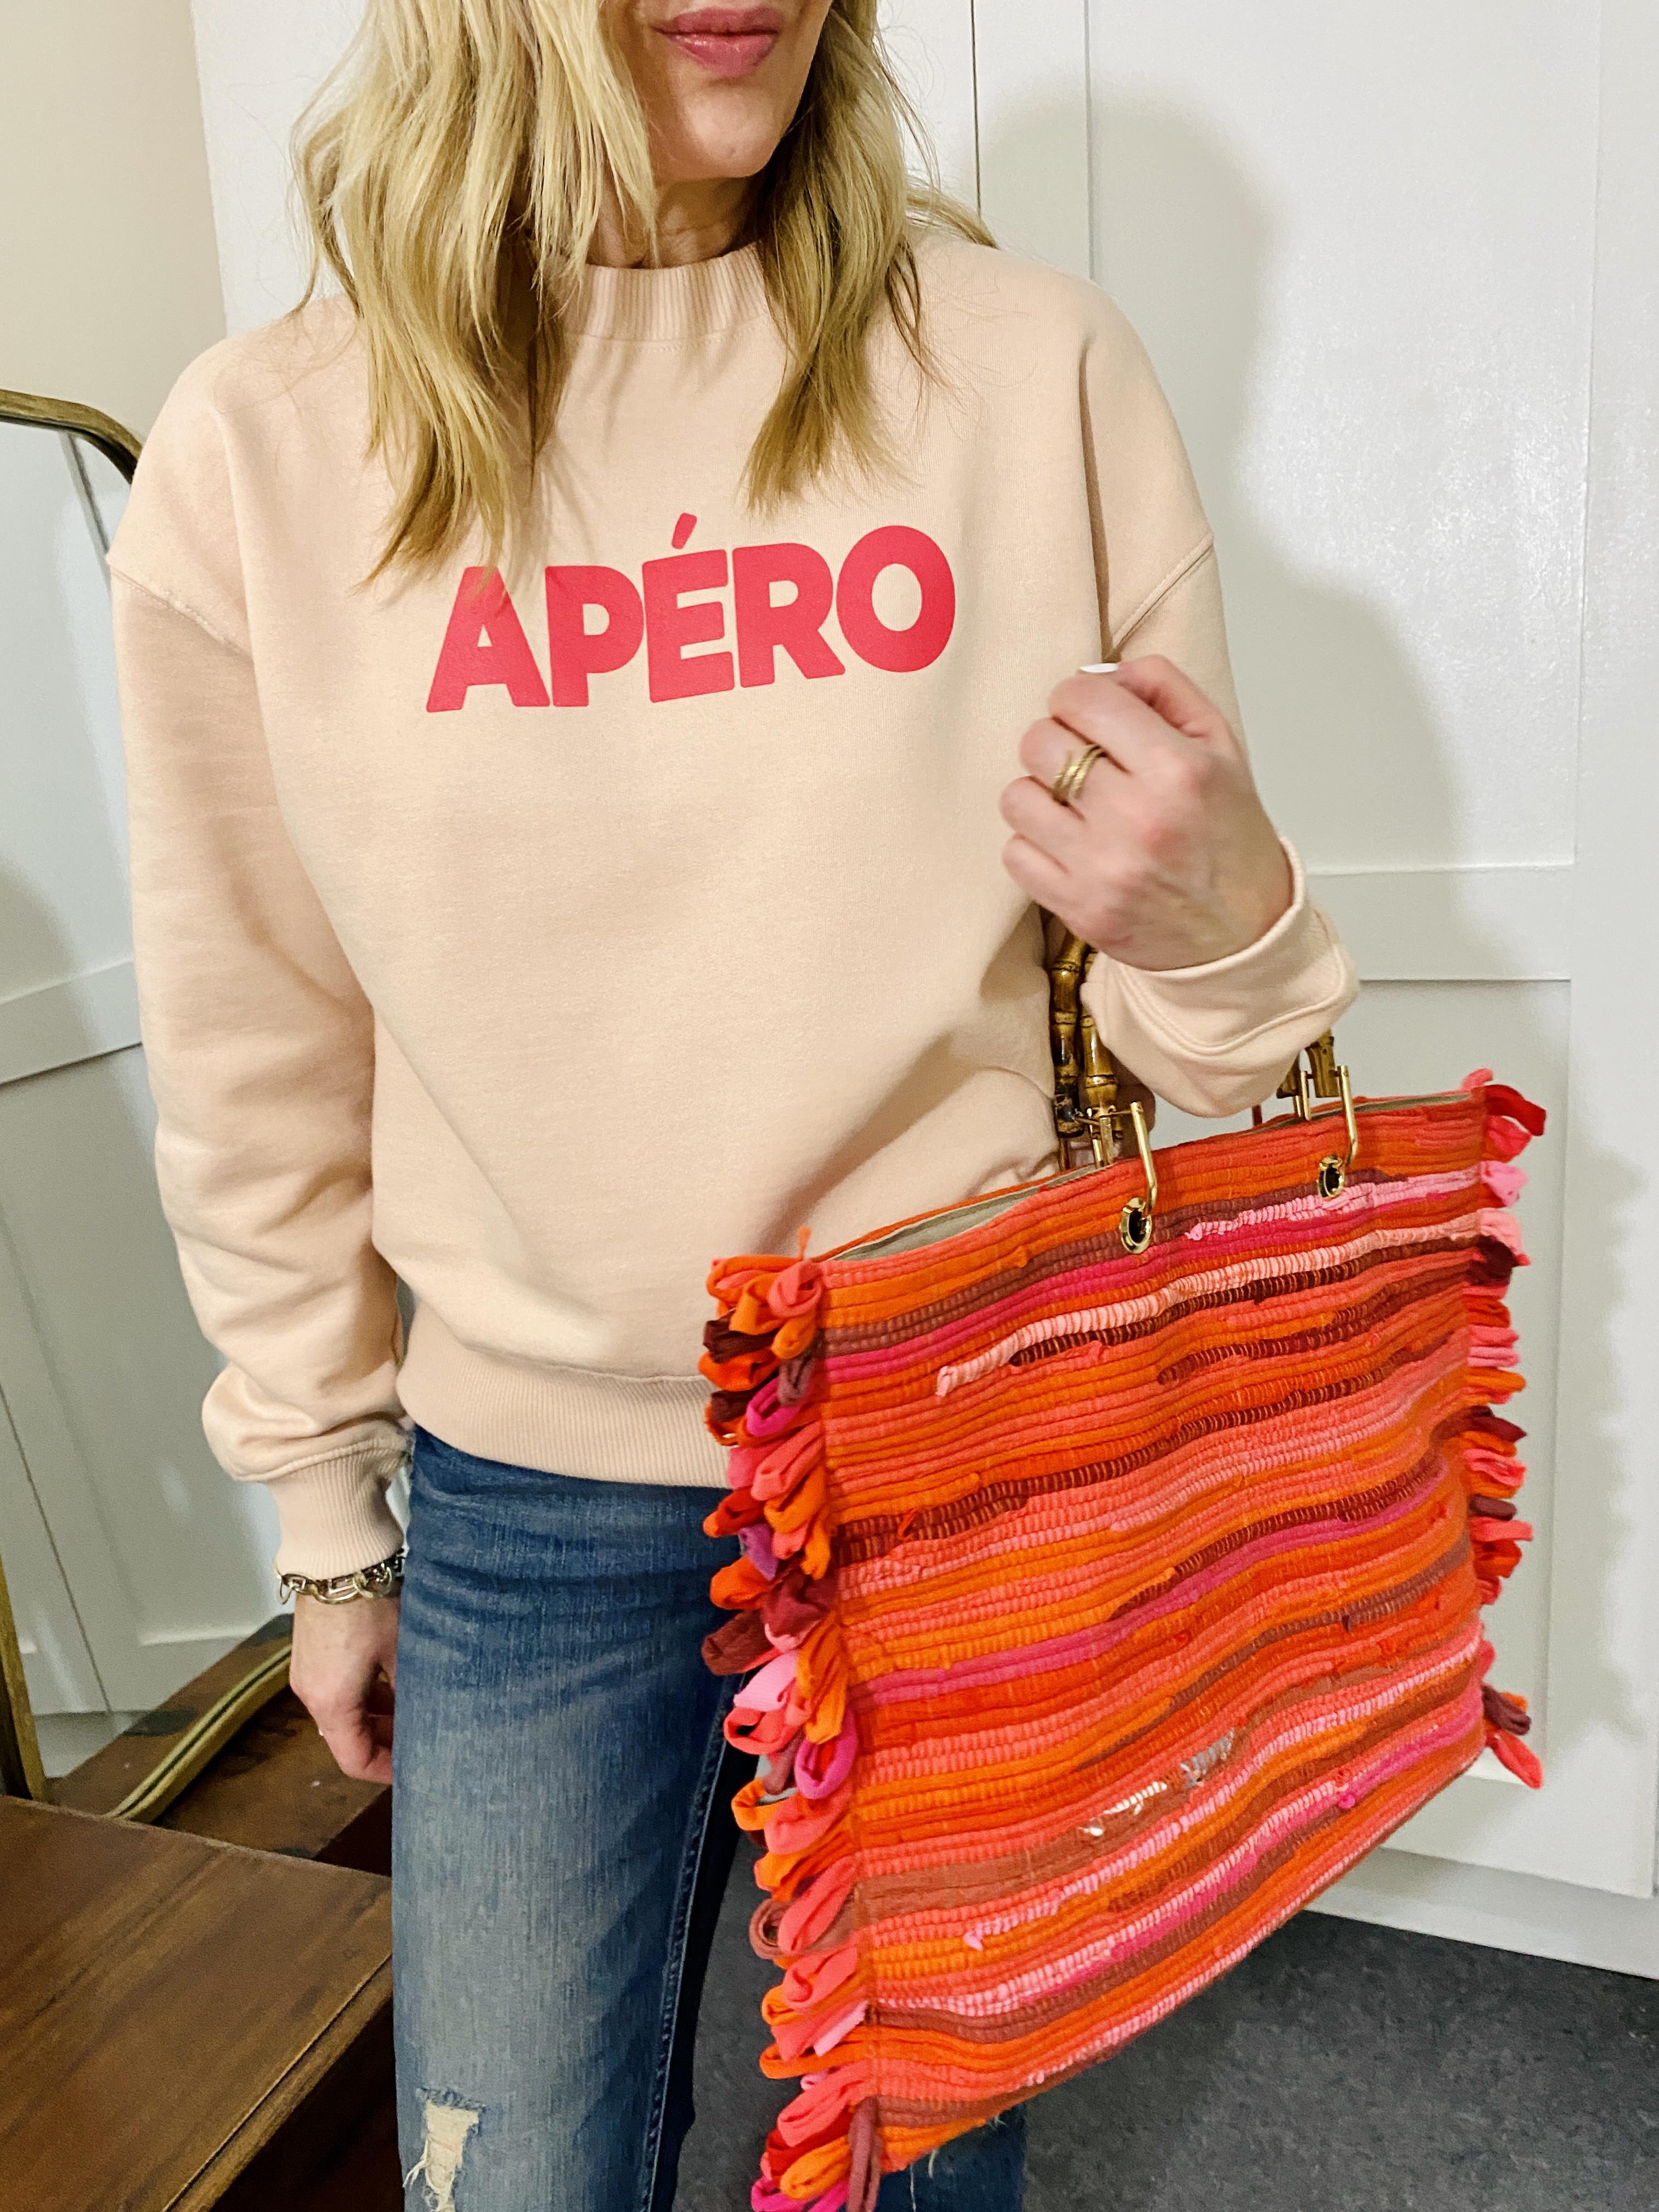 apero sweatshirt